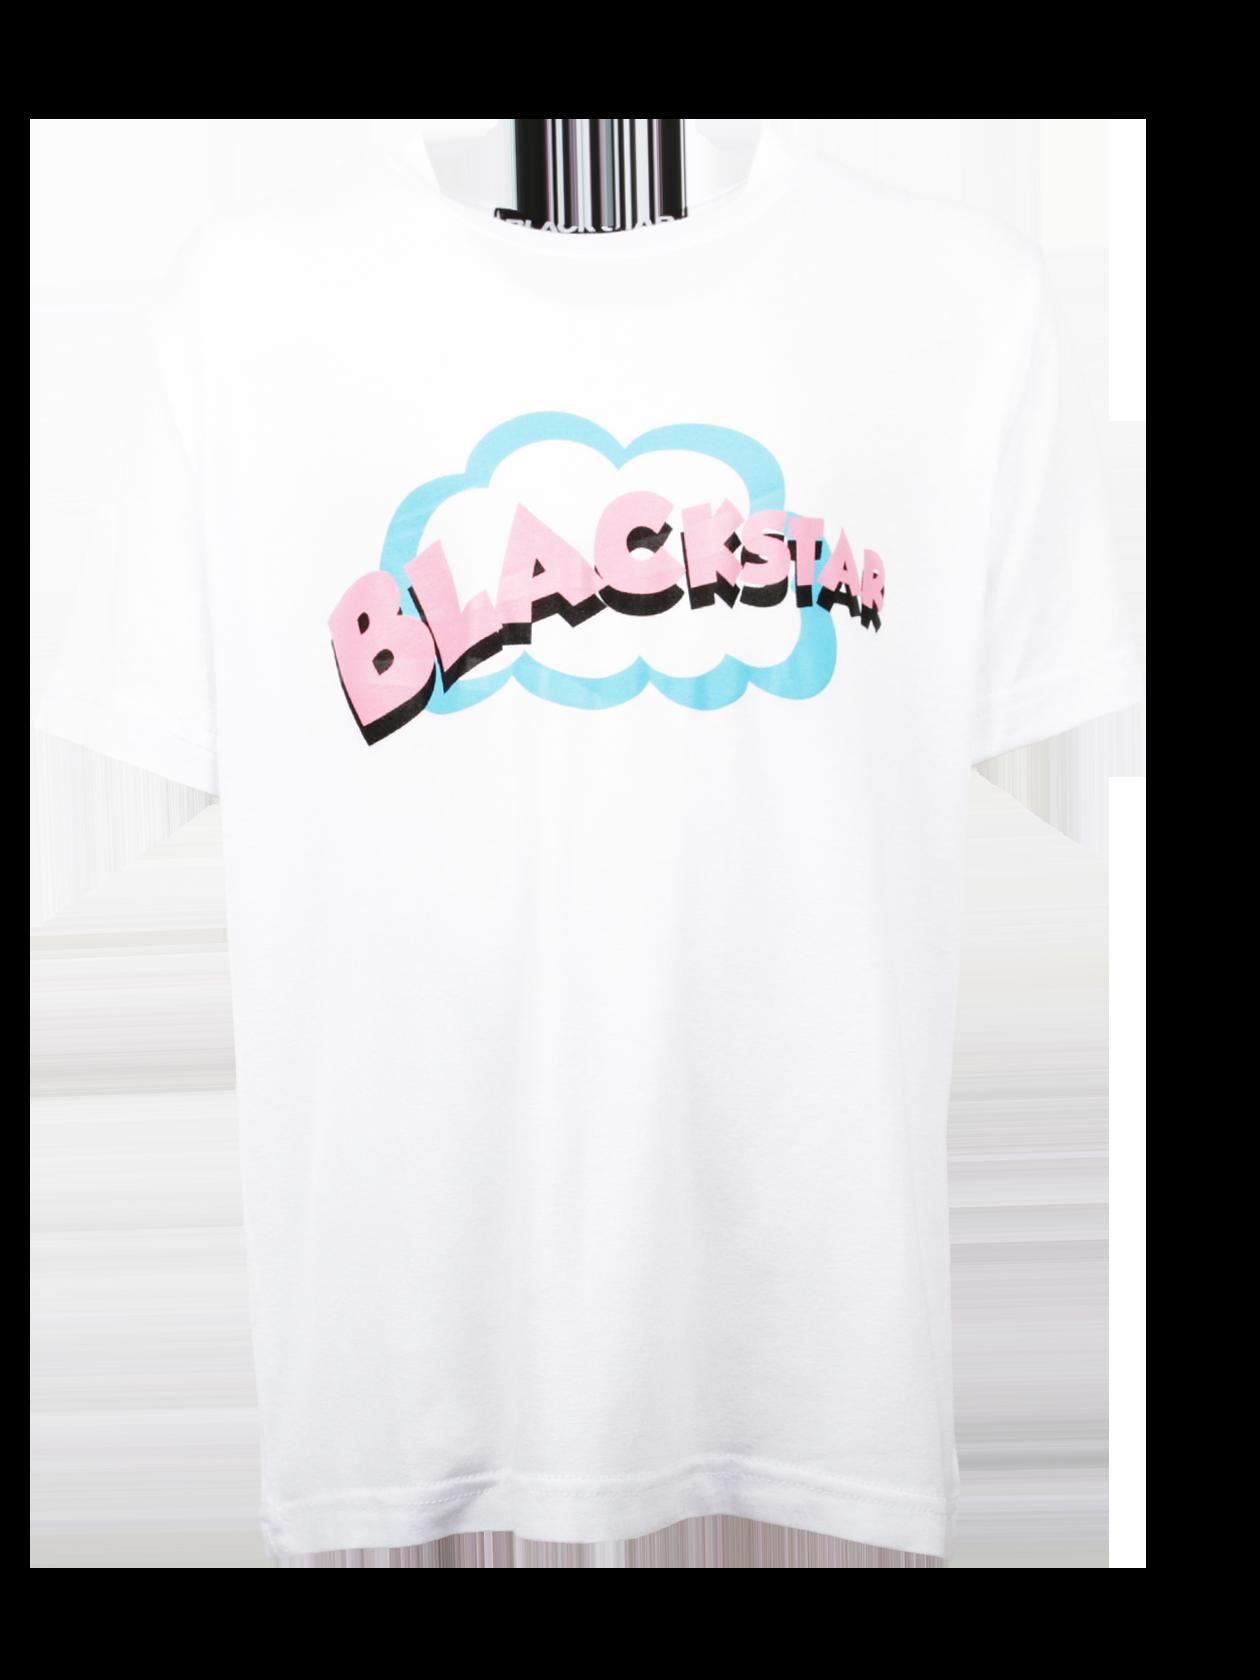 Футболка детская CARTOONS BSМодная и практичная футболка детская Cartoons BS из коллекции Black Star Wear – незаменимая вещь в гардеробе активного ребенка. Изделие обладает прямым свободным кроем, дополнено широким коротким рукавом и неглубокой круглой горловиной. Модель представлена в базовом белом цвете, декорирована принтом с фронтальной стороны в виде облака и надписи Black Star. Изготовленная из высококачественного 100% хлопка, футболка гарантирует максимальный комфорт во время движений.<br><br>Размер: 11-12 years<br>Цвет: Белый<br>Пол: Унисекс